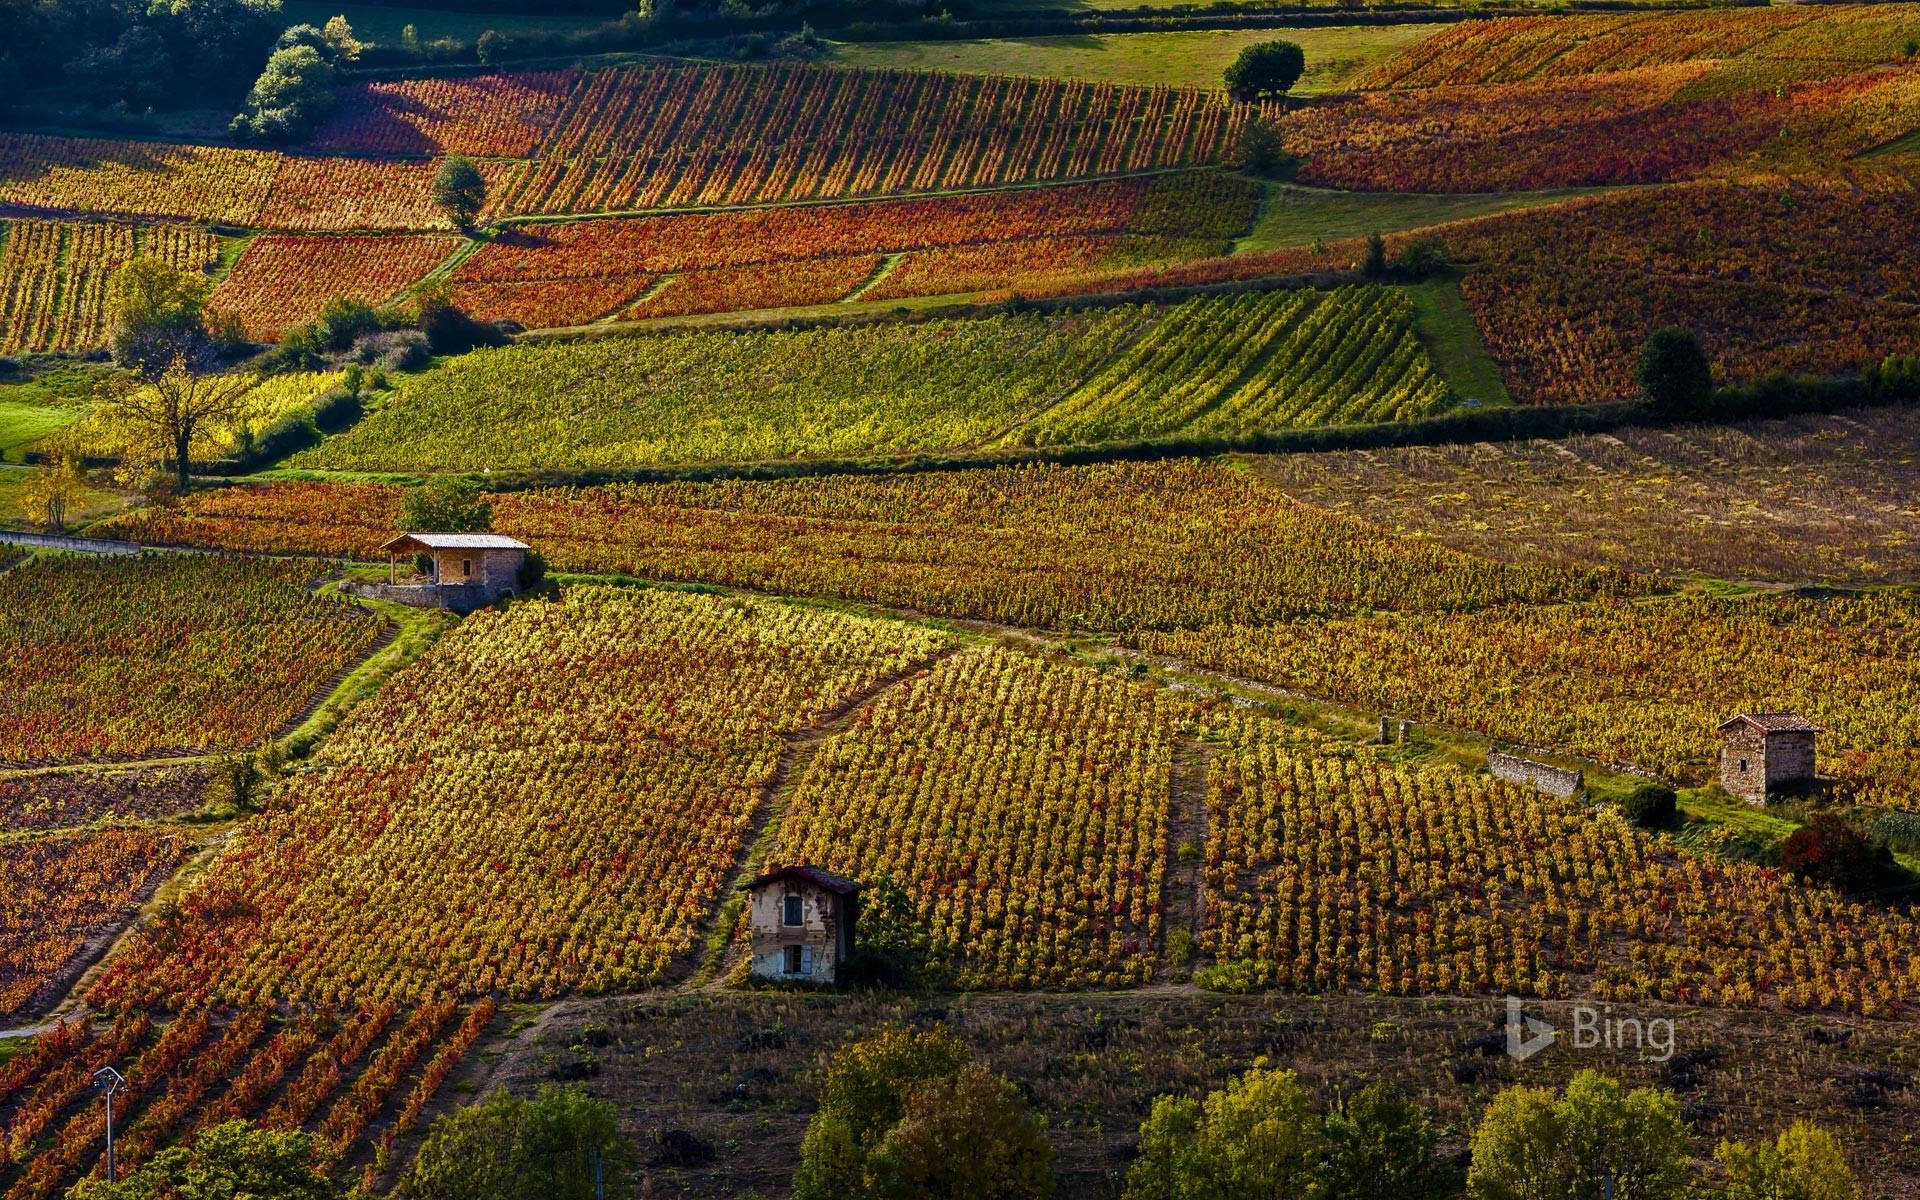 Vineyards near Beaujeu, Rhône, France